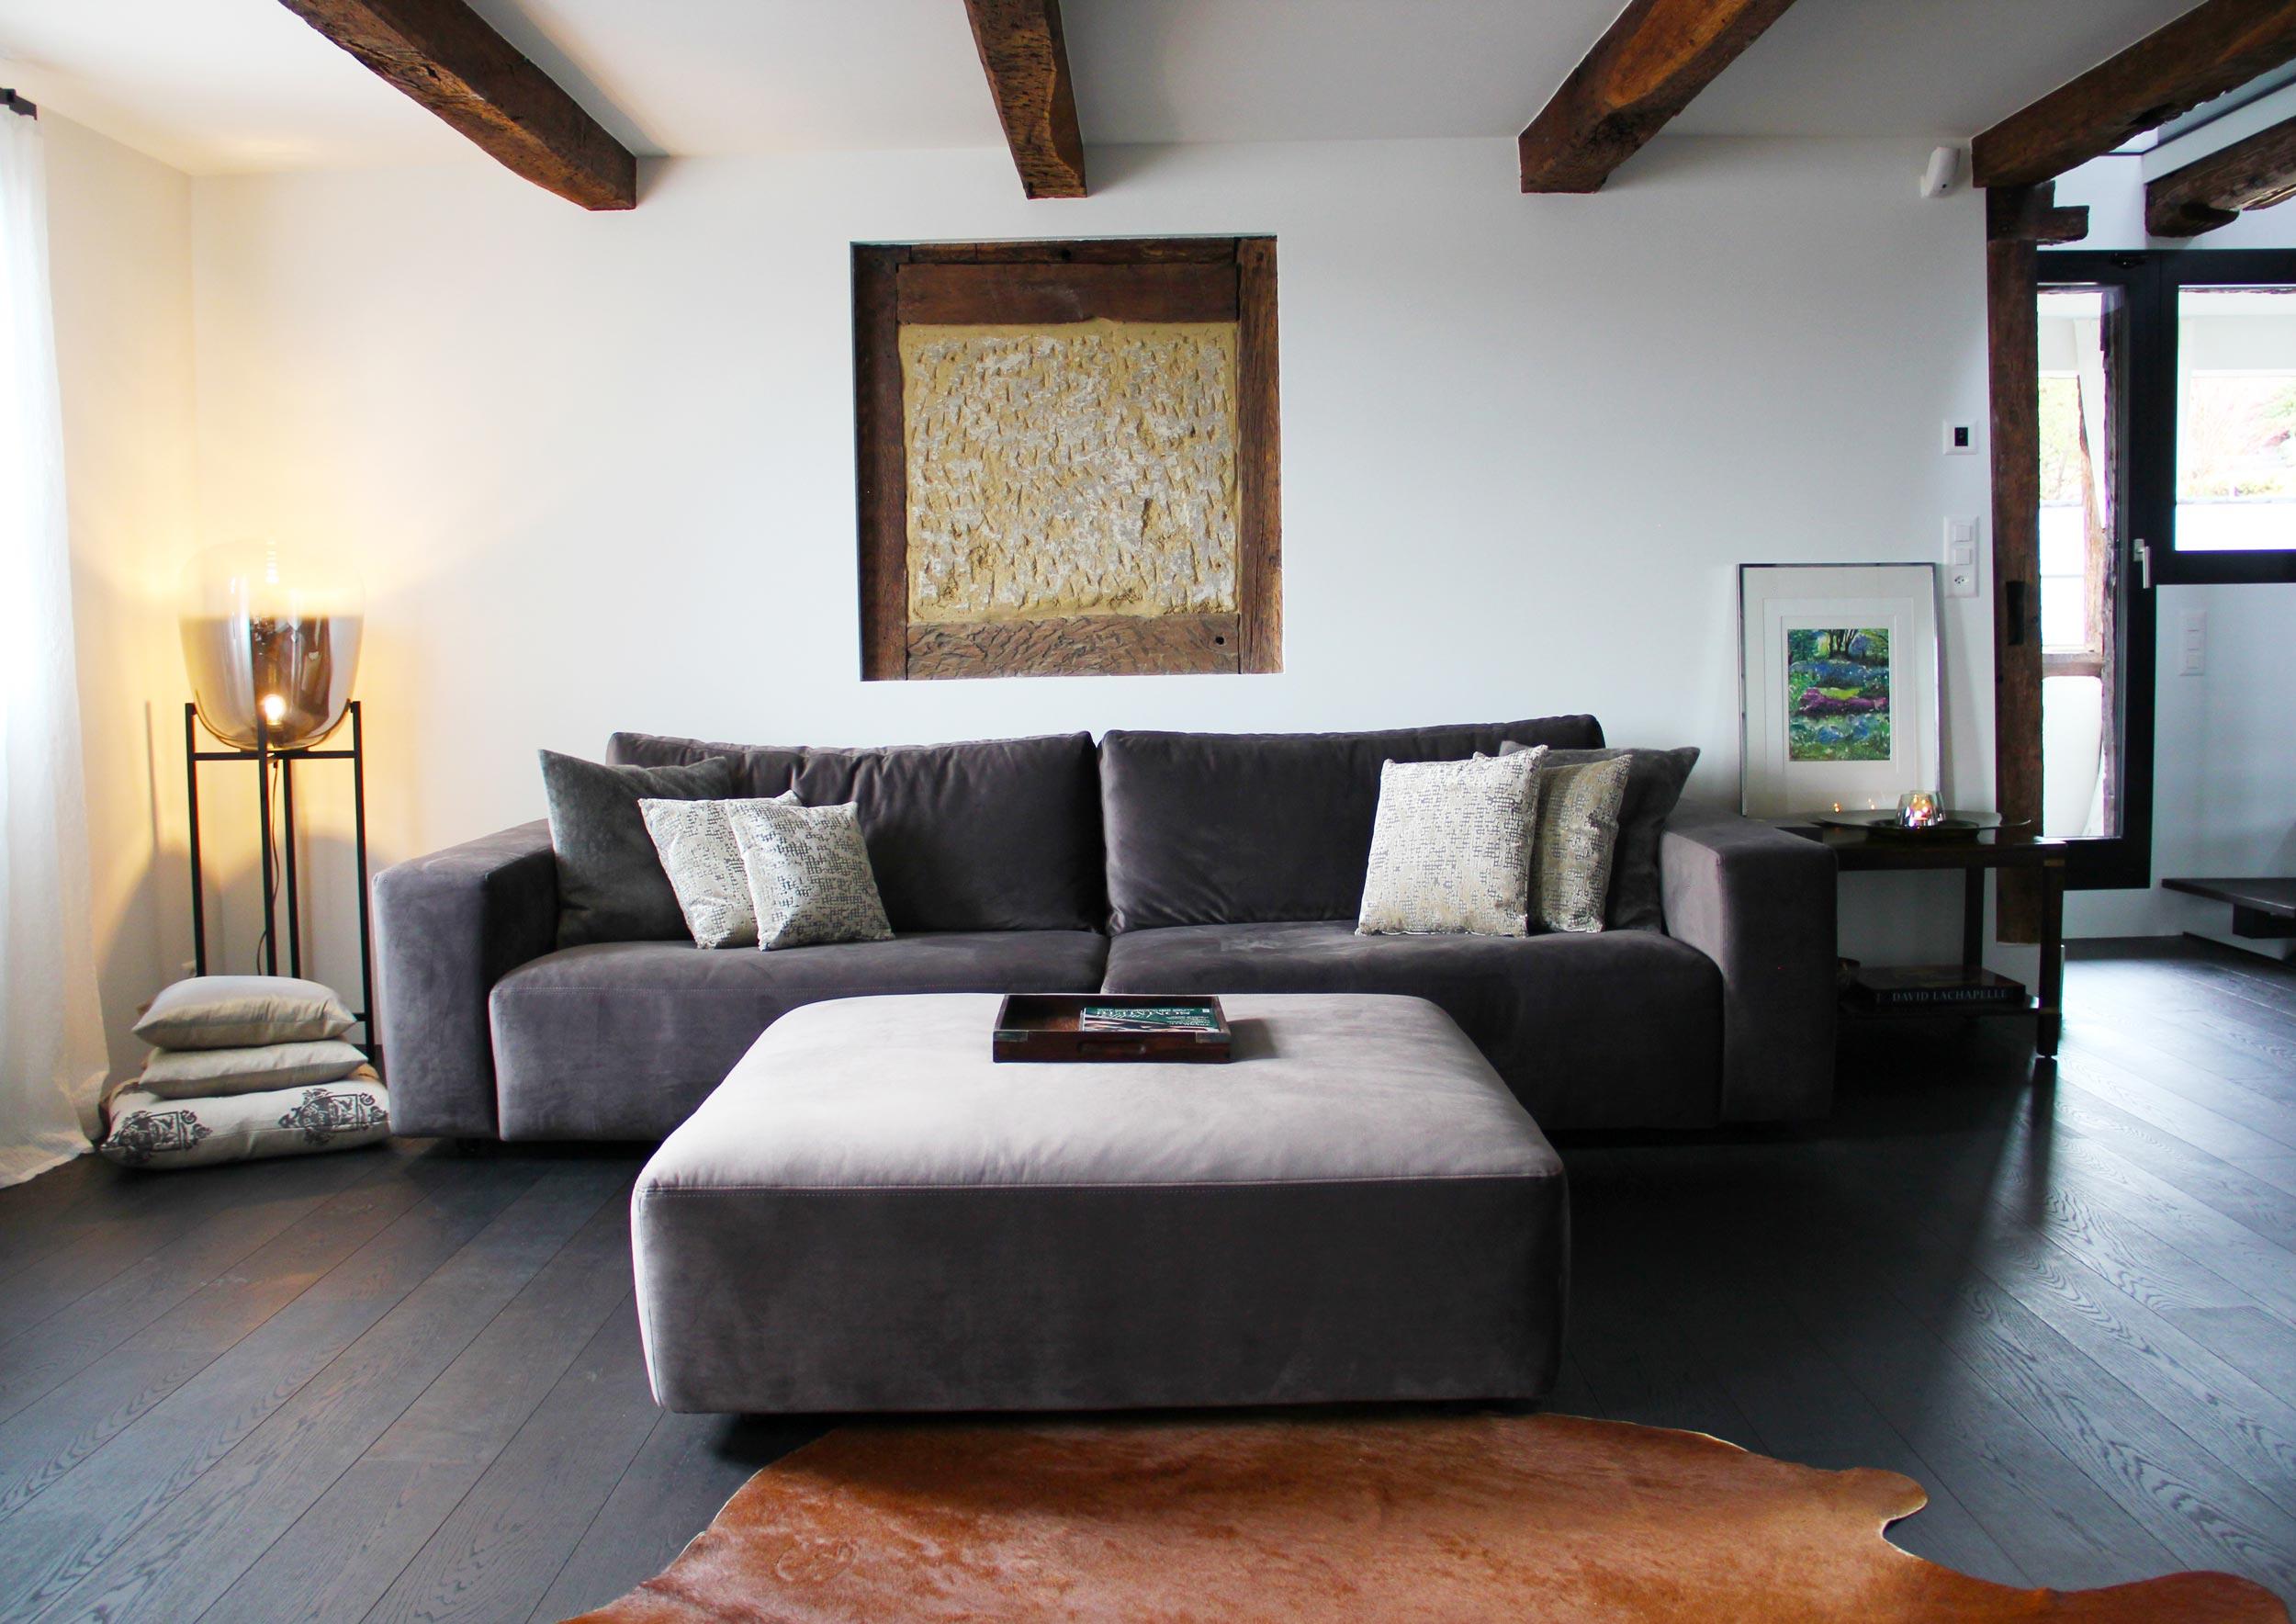 Holzboden, Sichtbalken und  sorgfältig ausgewählte Möbelstücke schaffen Gemütlichkeit im Wohnraum.